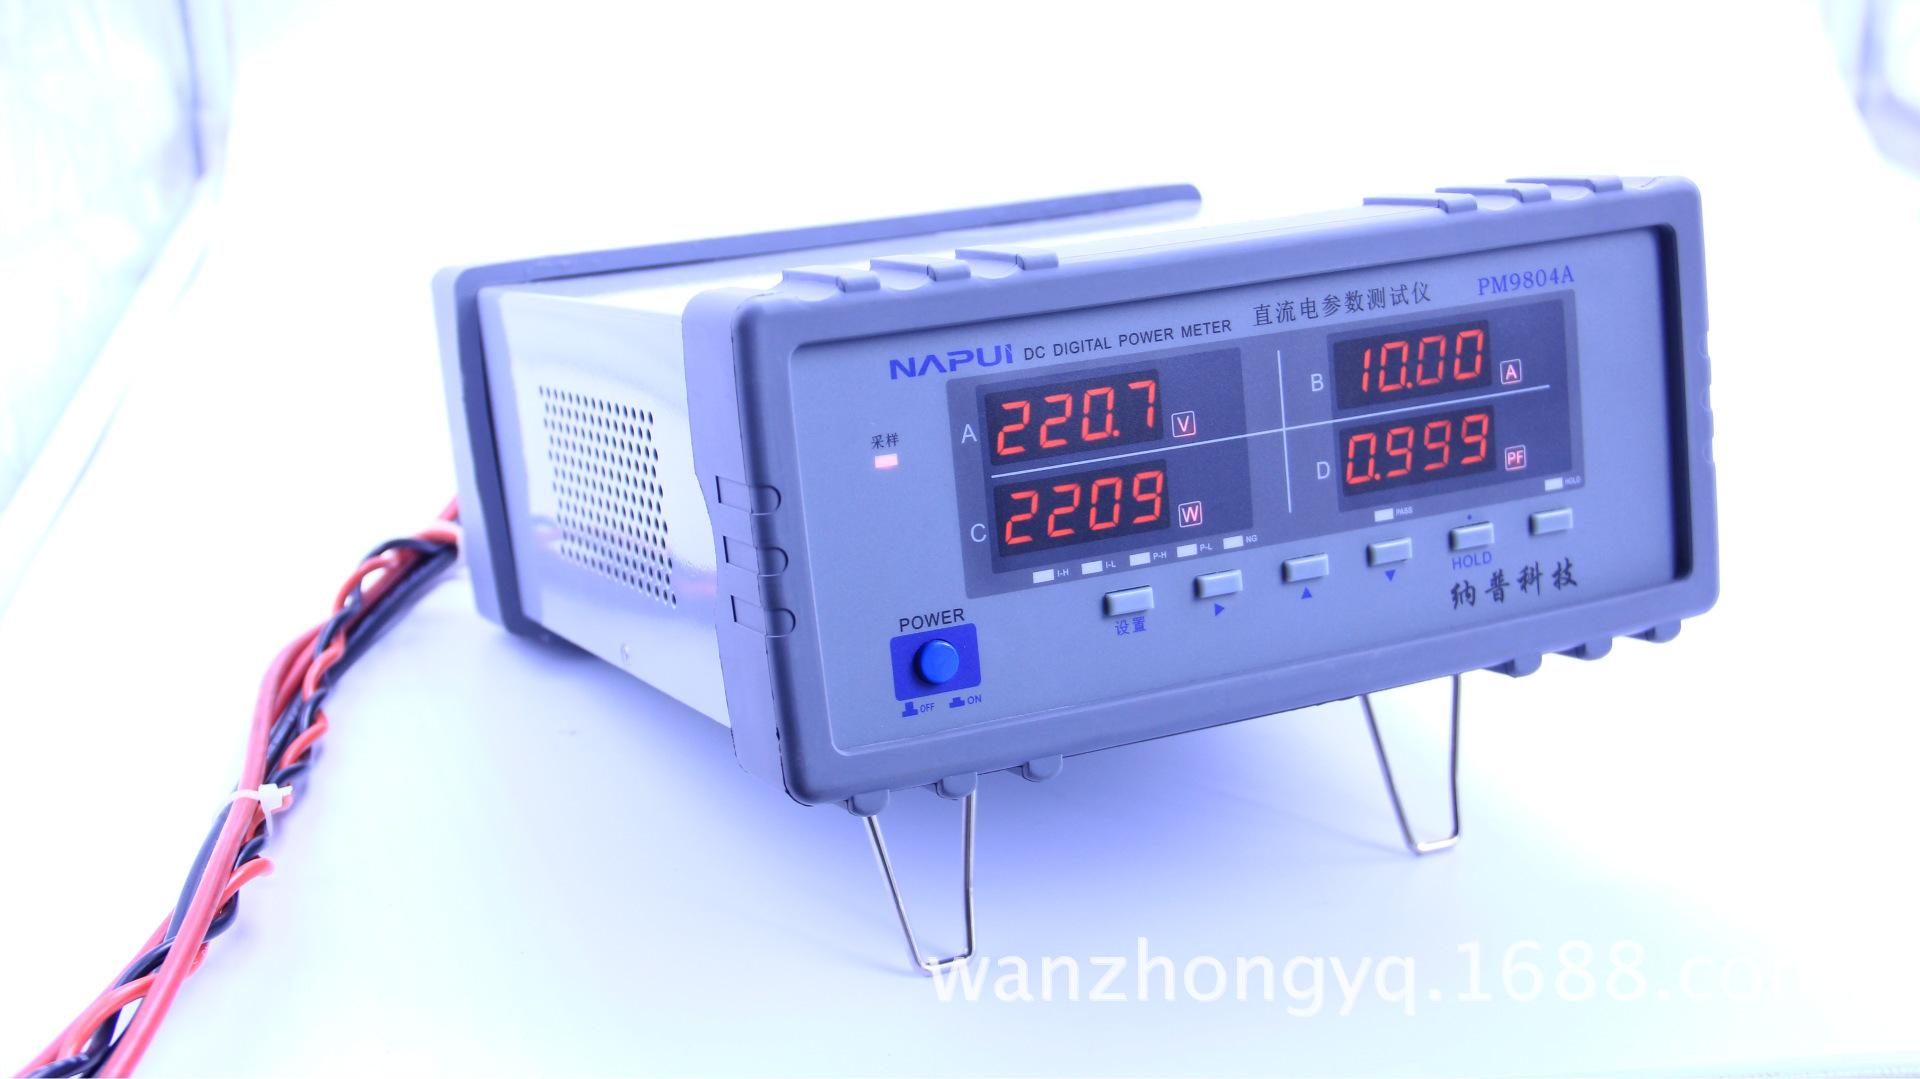 直流电参数测量仪 直流电参数测量仪 真有效值直流电参数 阿里巴巴图片